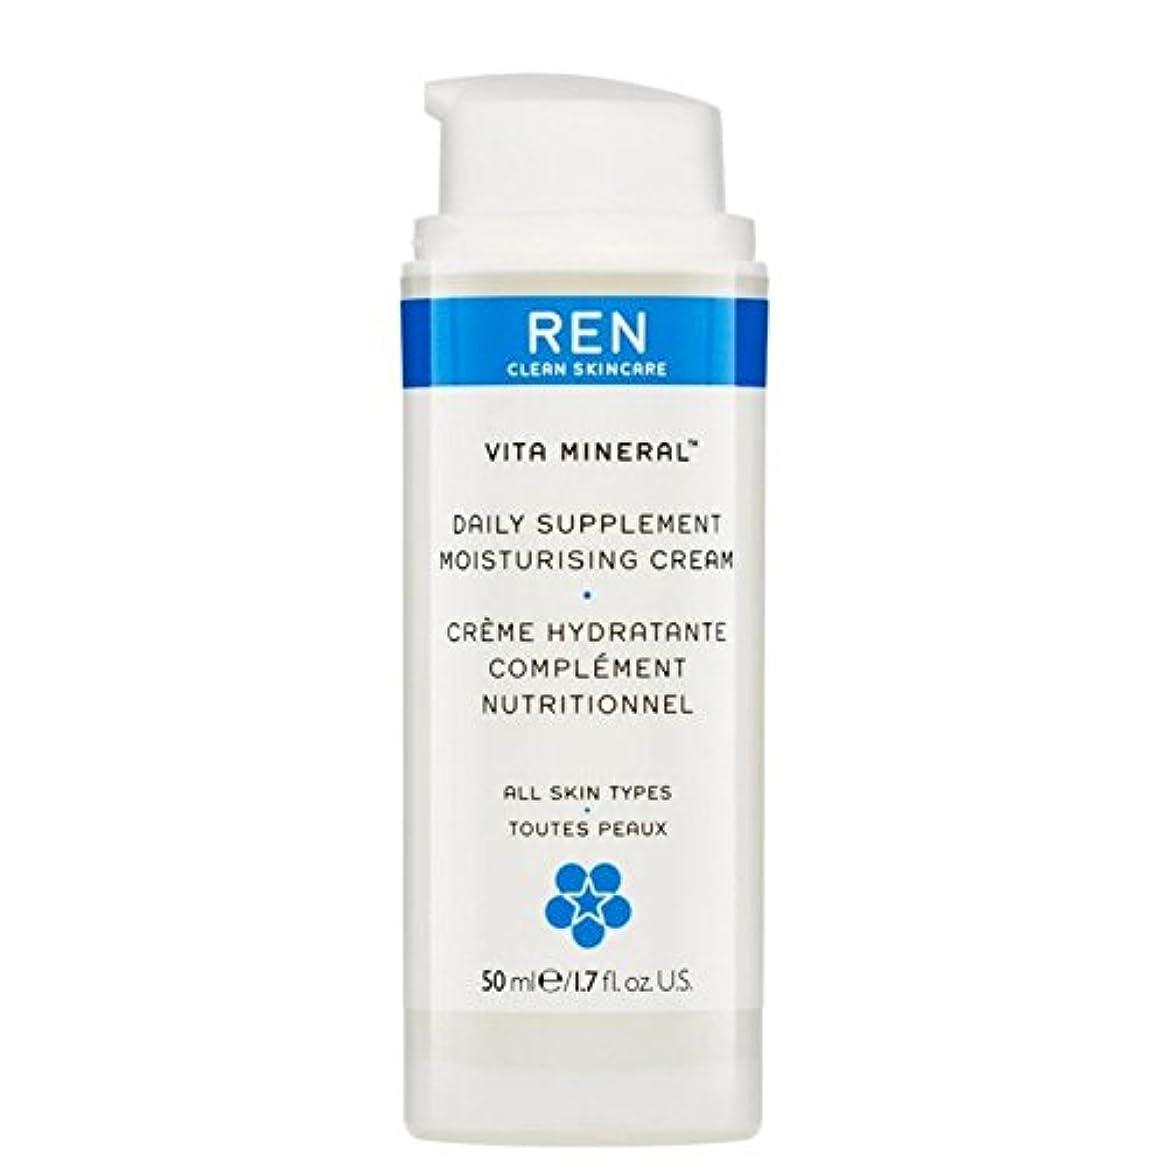 拡大するシンジケート電圧ヴィータミネラル毎日サプリメント保湿クリーム x4 - REN Vita Mineral Daily Supplement Moisturising Cream (Pack of 4) [並行輸入品]